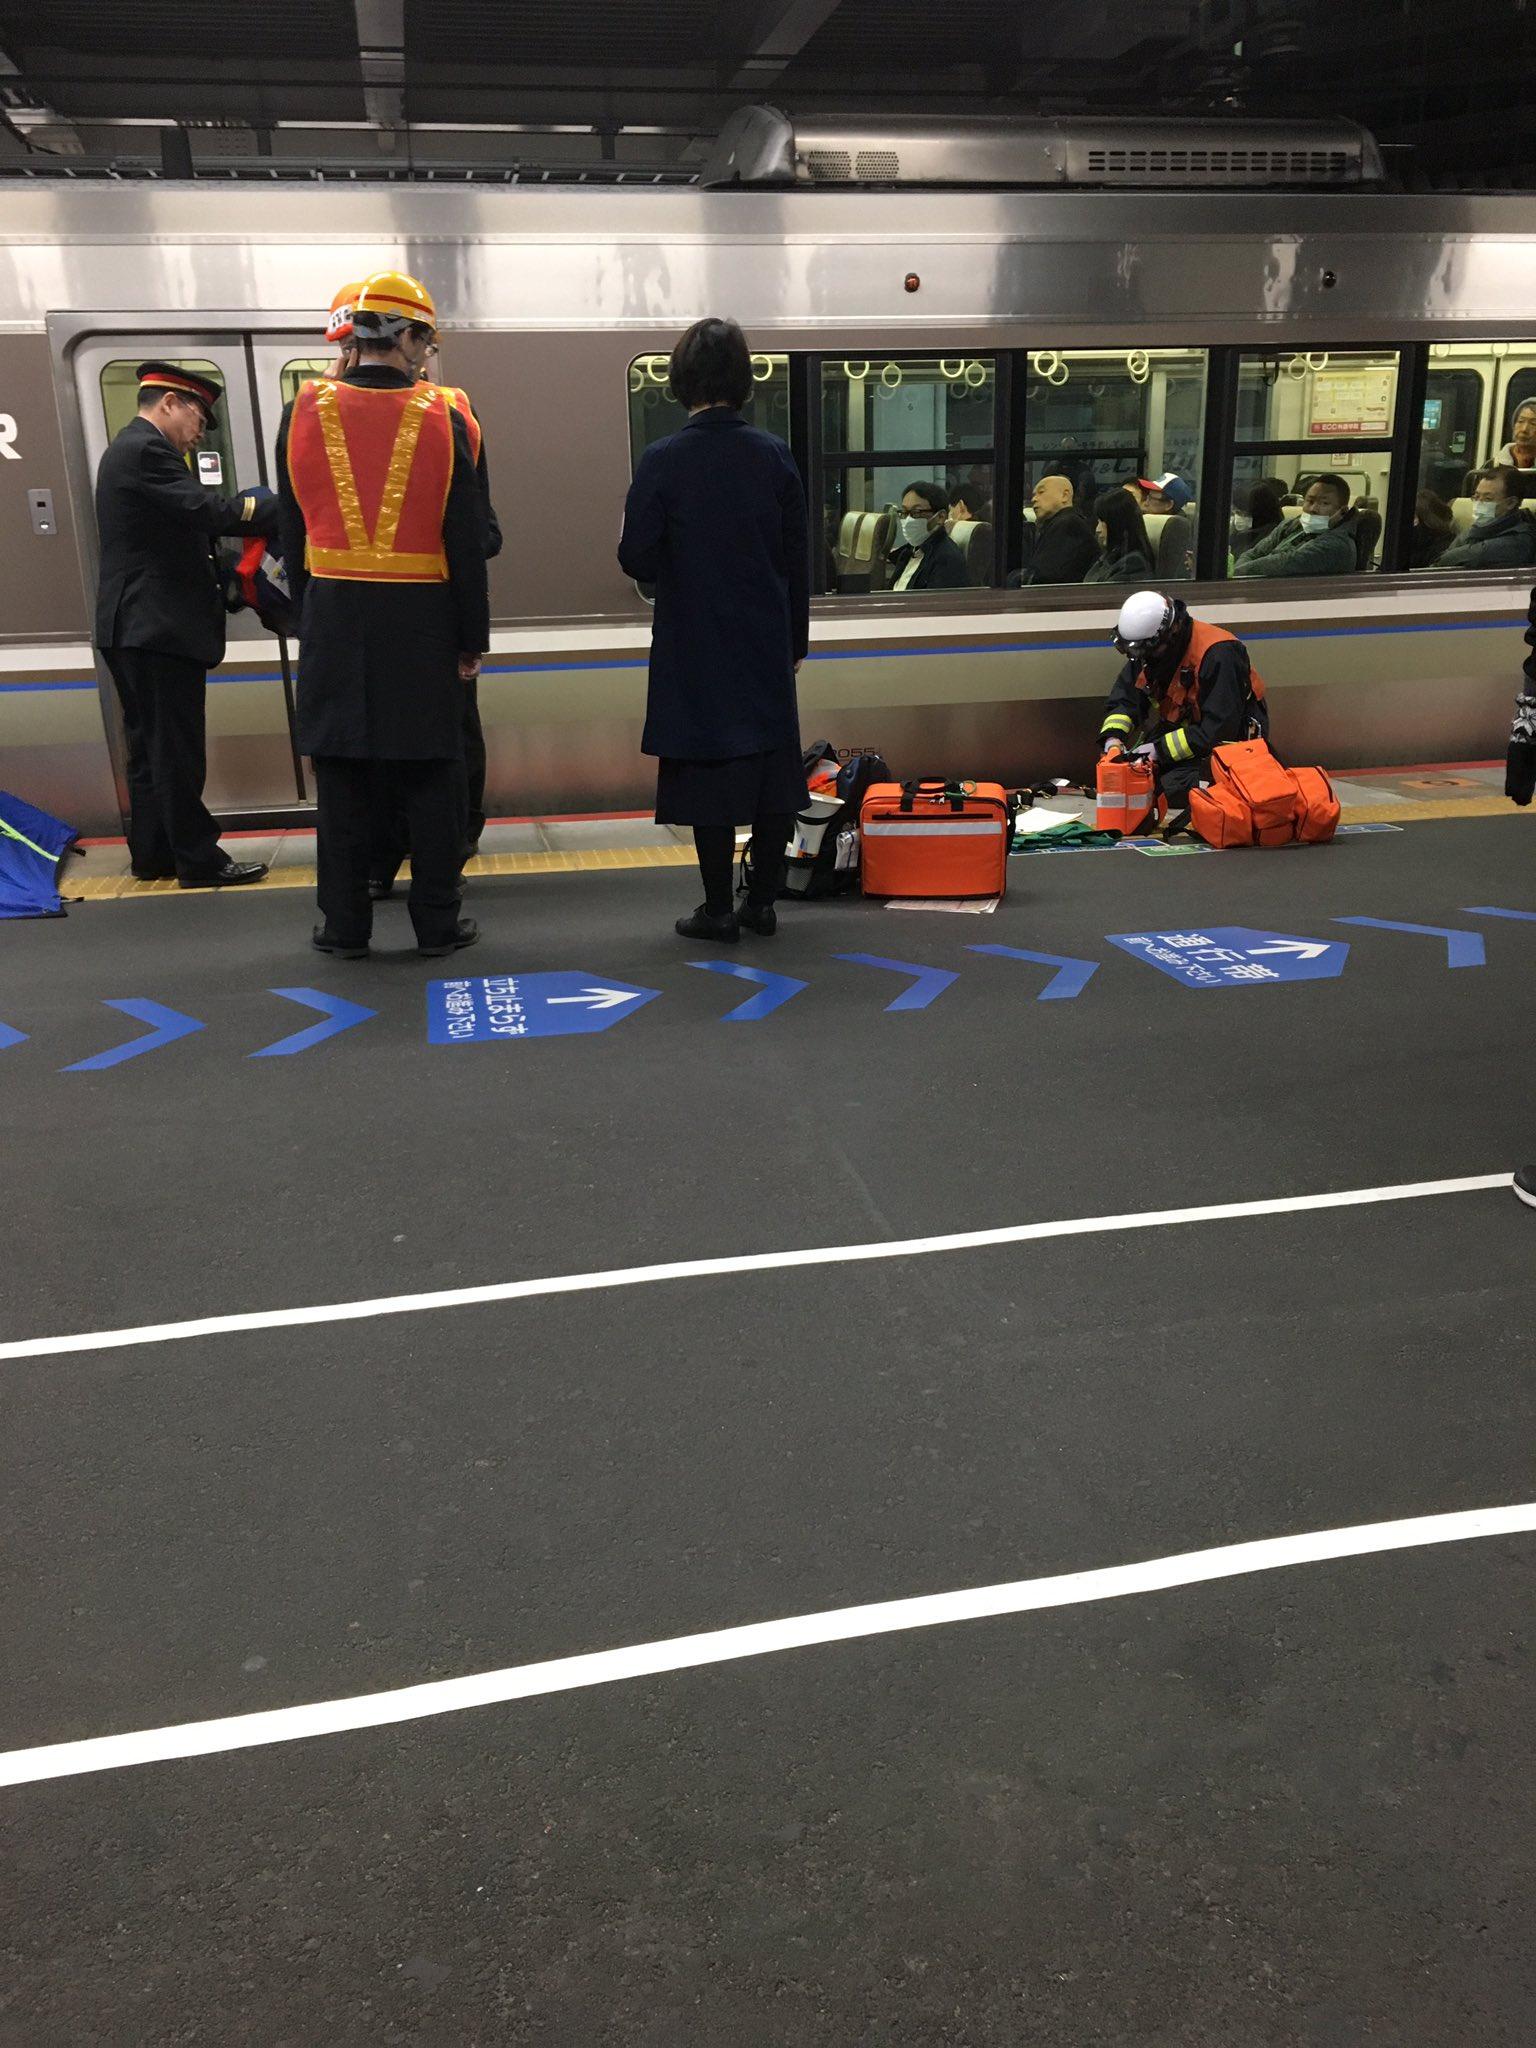 画像,救急隊到着騒然とする駅 https://t.co/q6kzoctZDo。